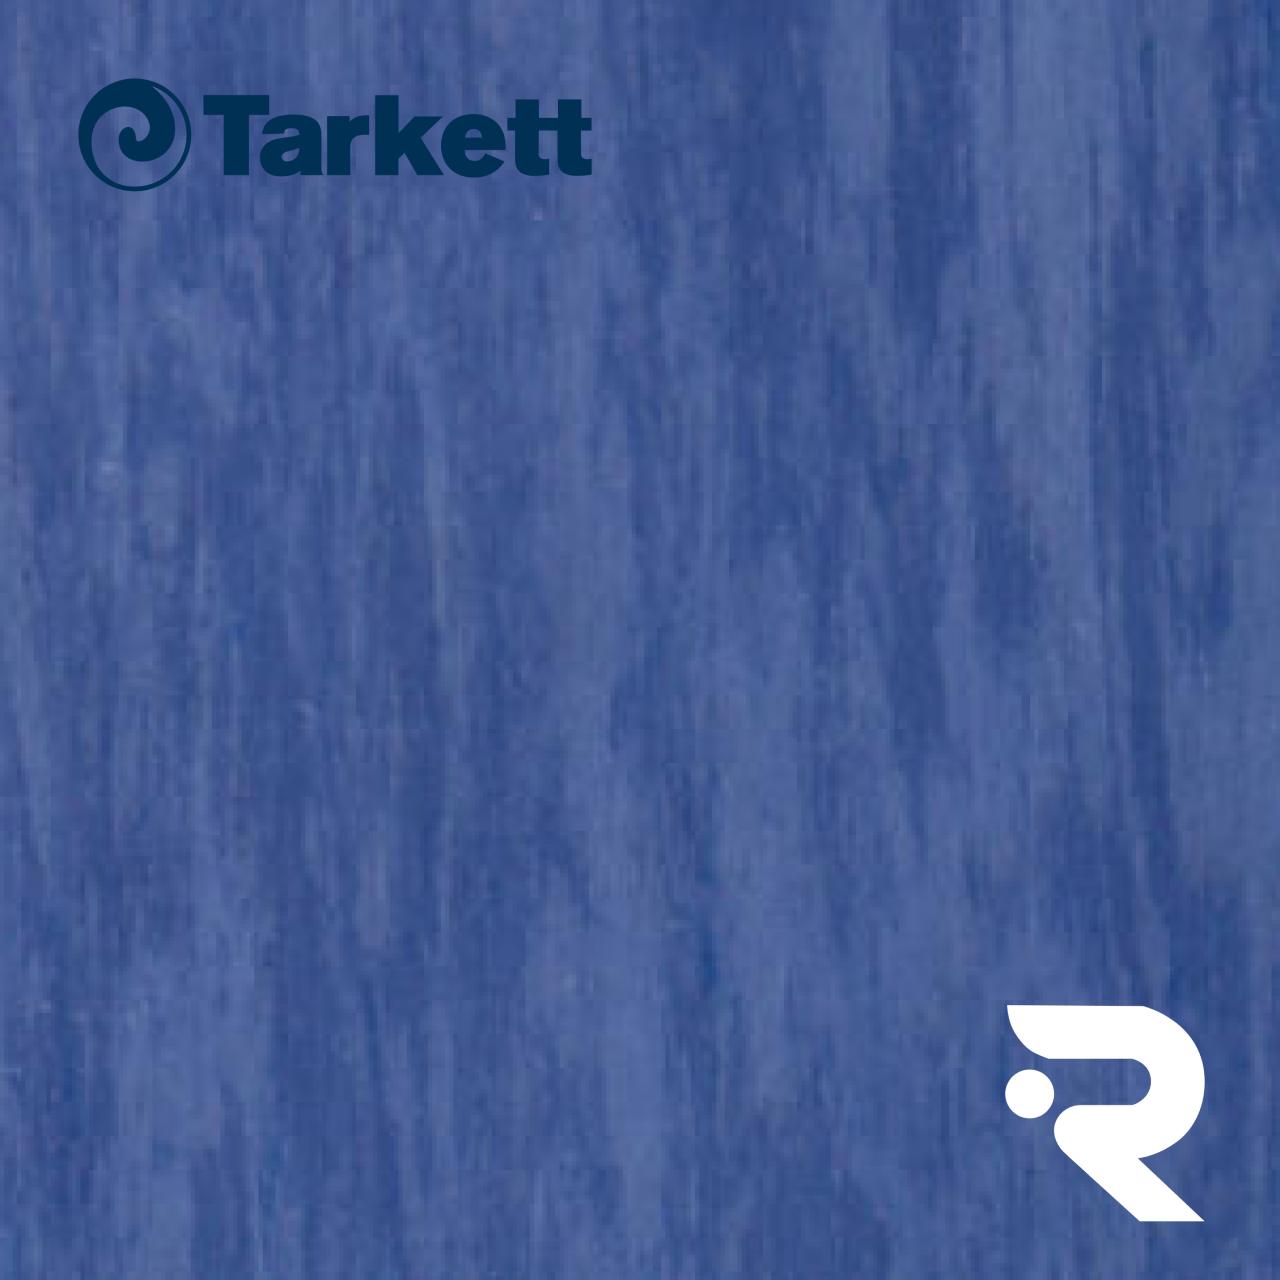 🏫 Гомогенний лінолеум Tarkett   Standard ROYAL BLUE 0920   Standard Plus 2.0 mm   2 х 23 м